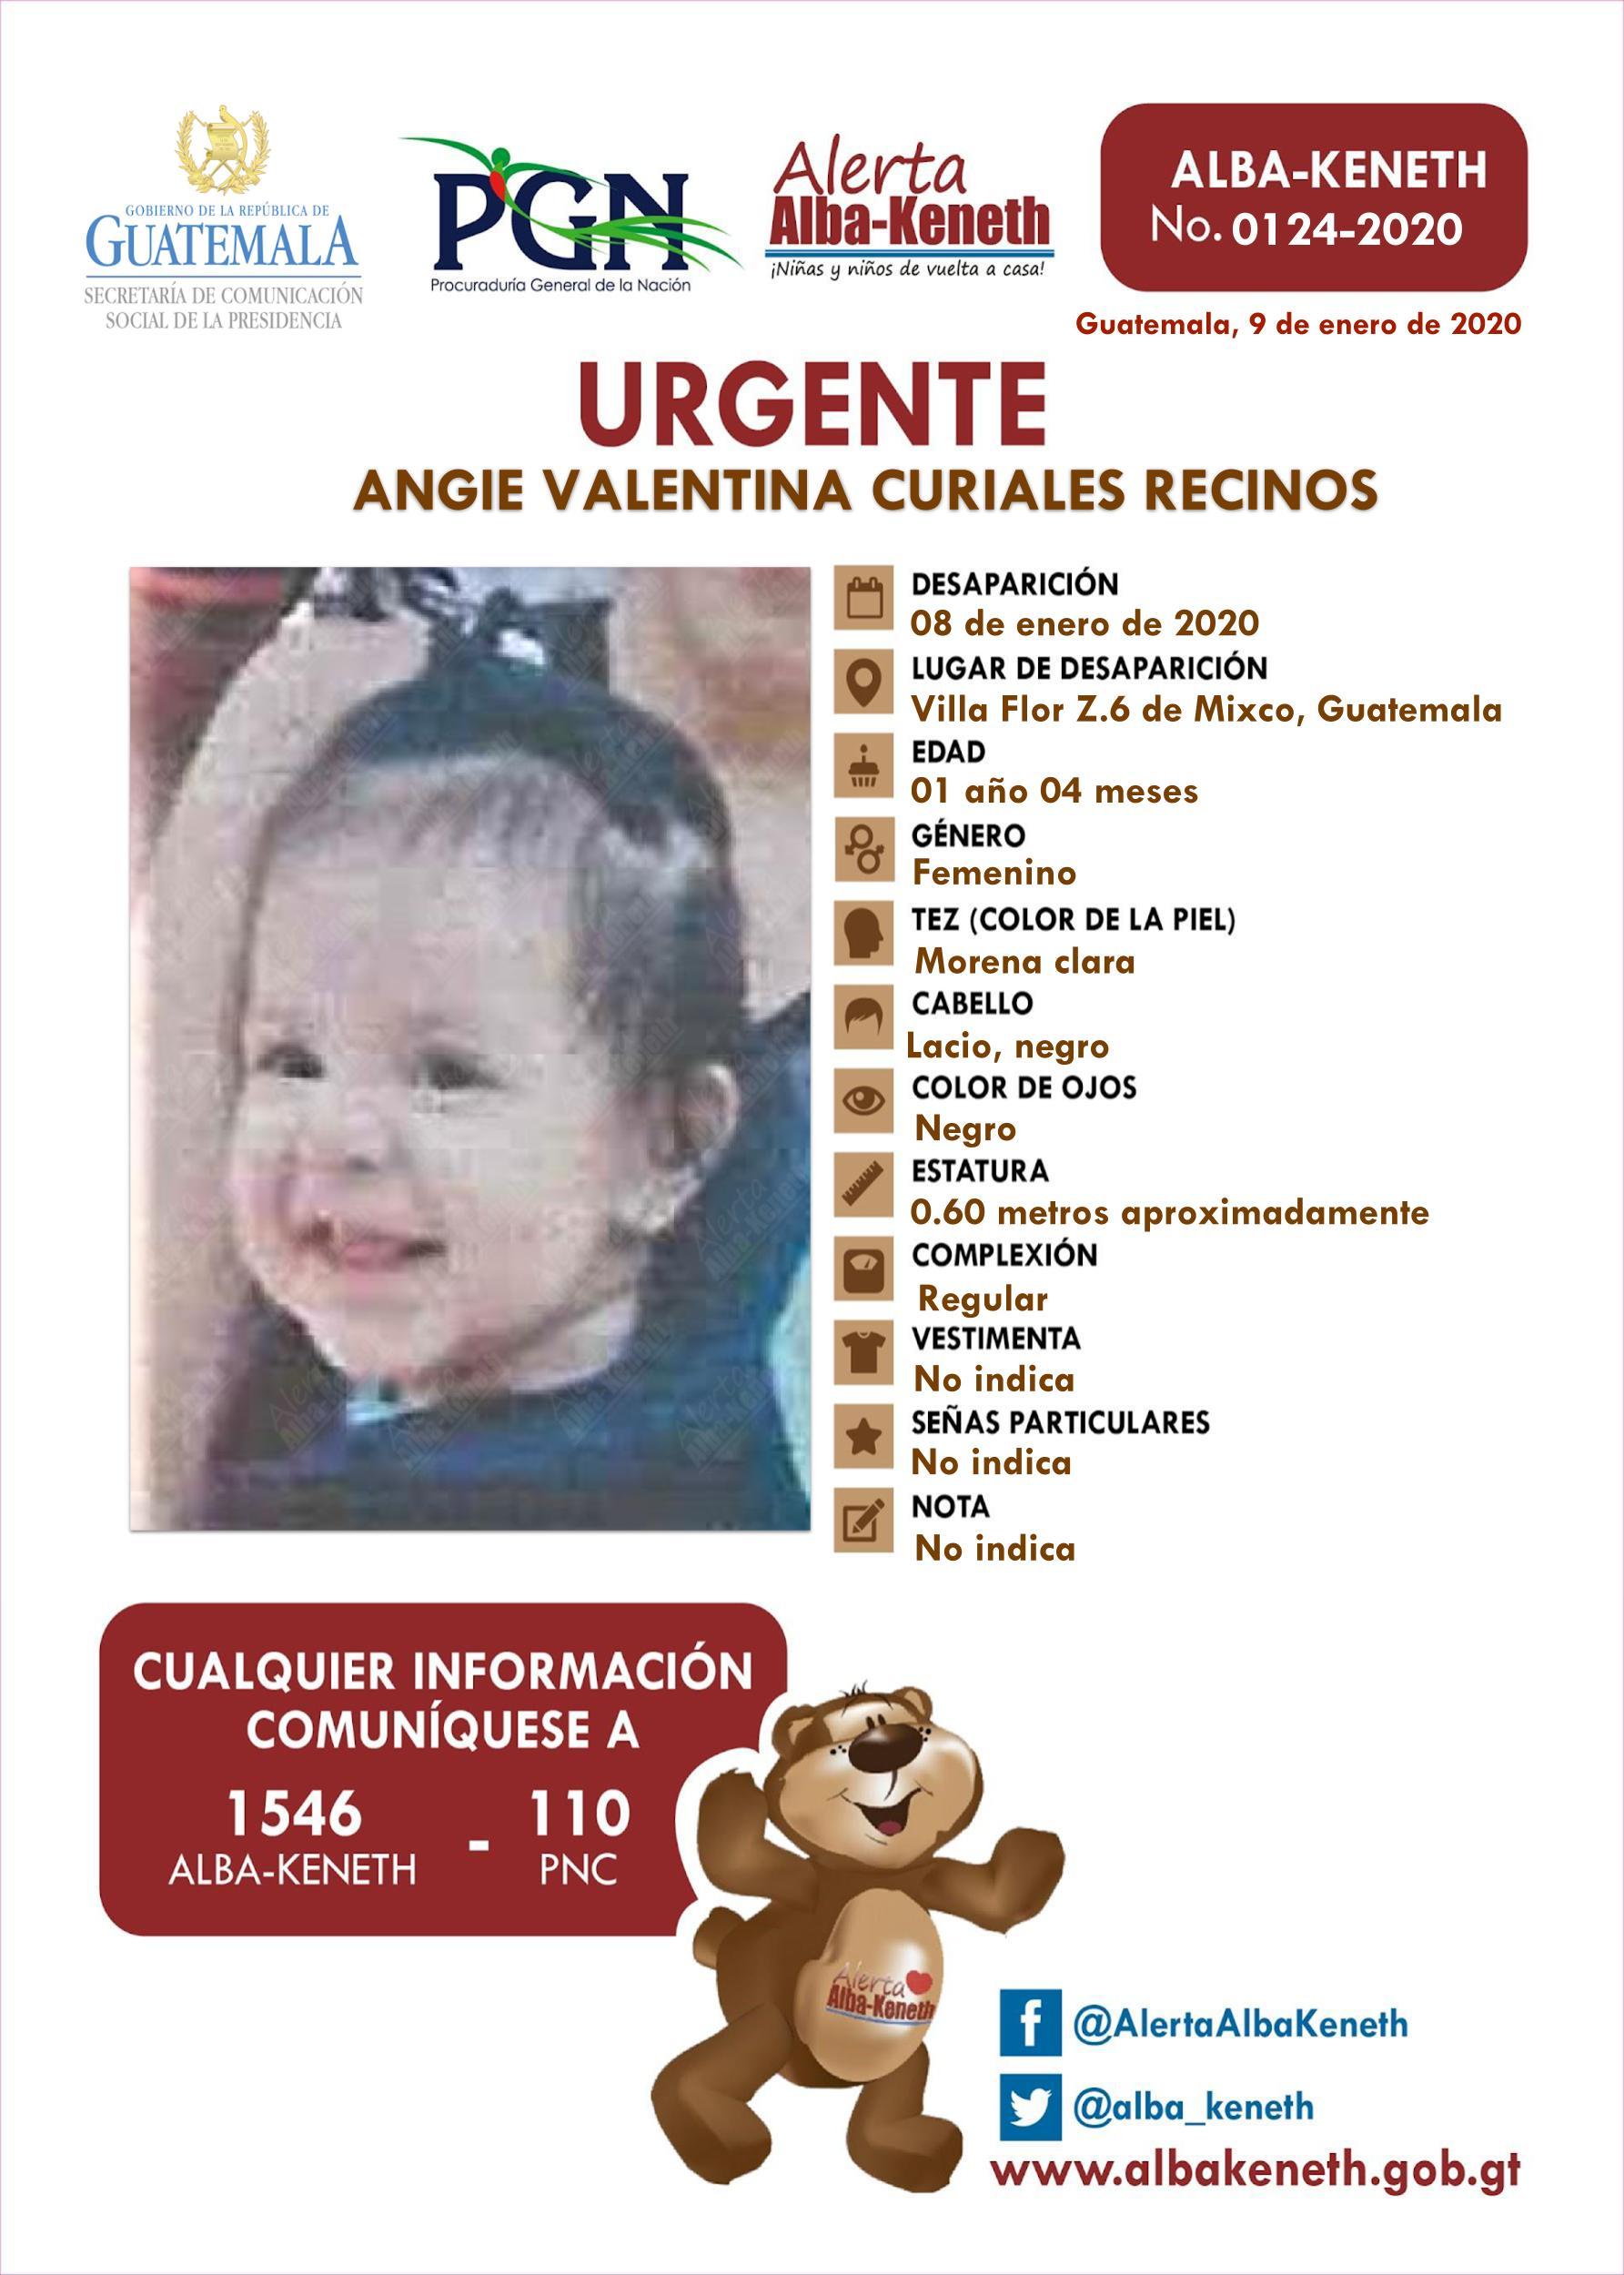 Angie Valentina Curiales Recinos